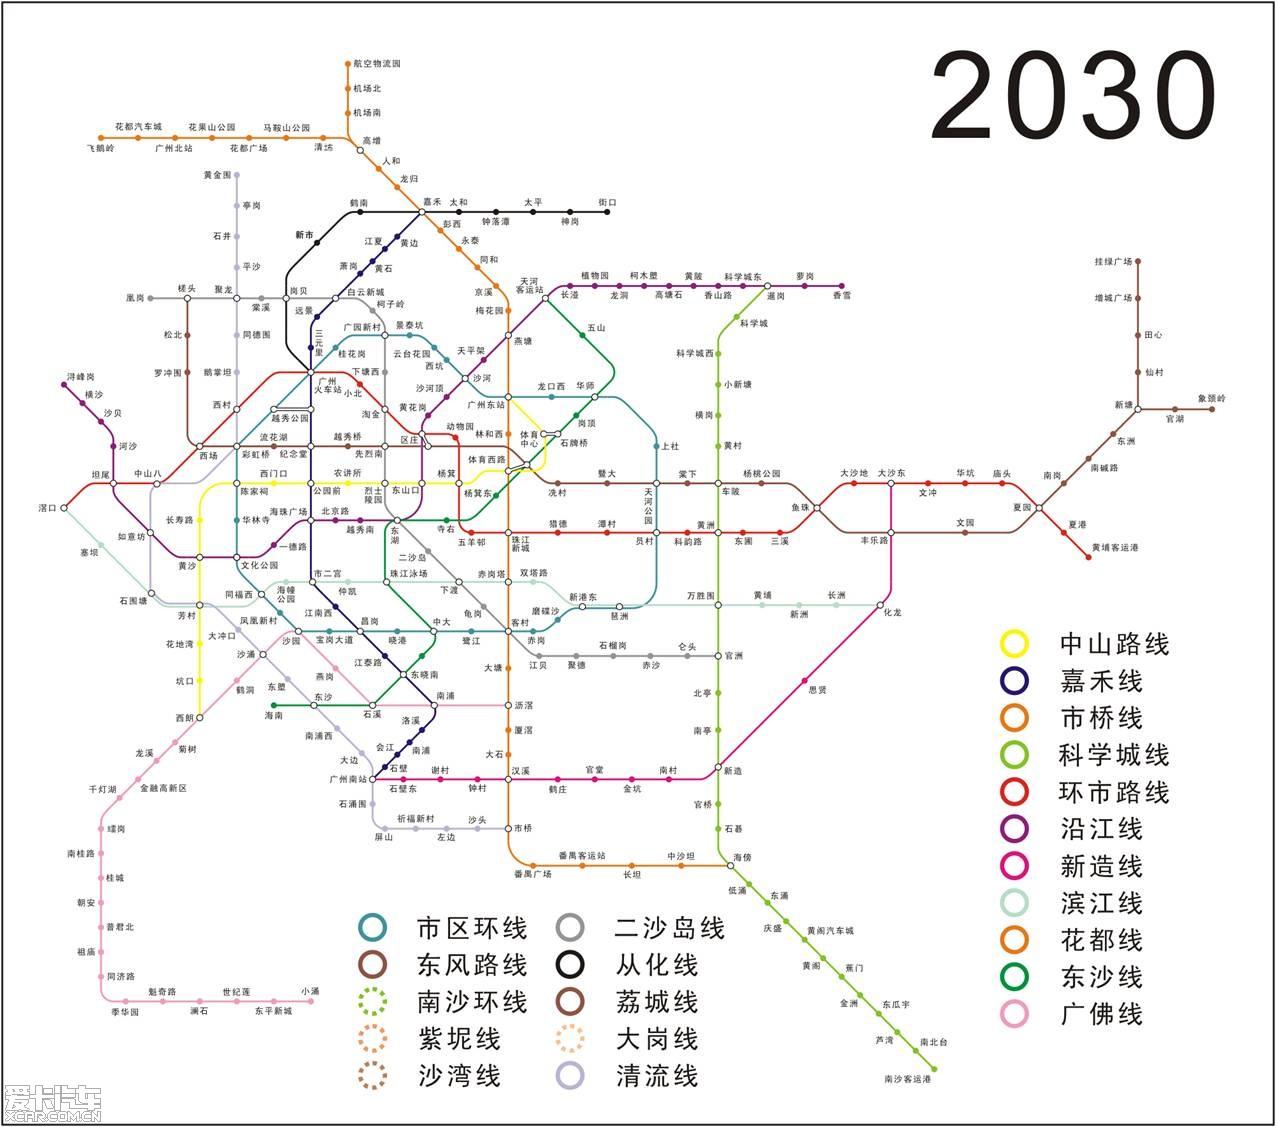 广州地铁线路图规划图片